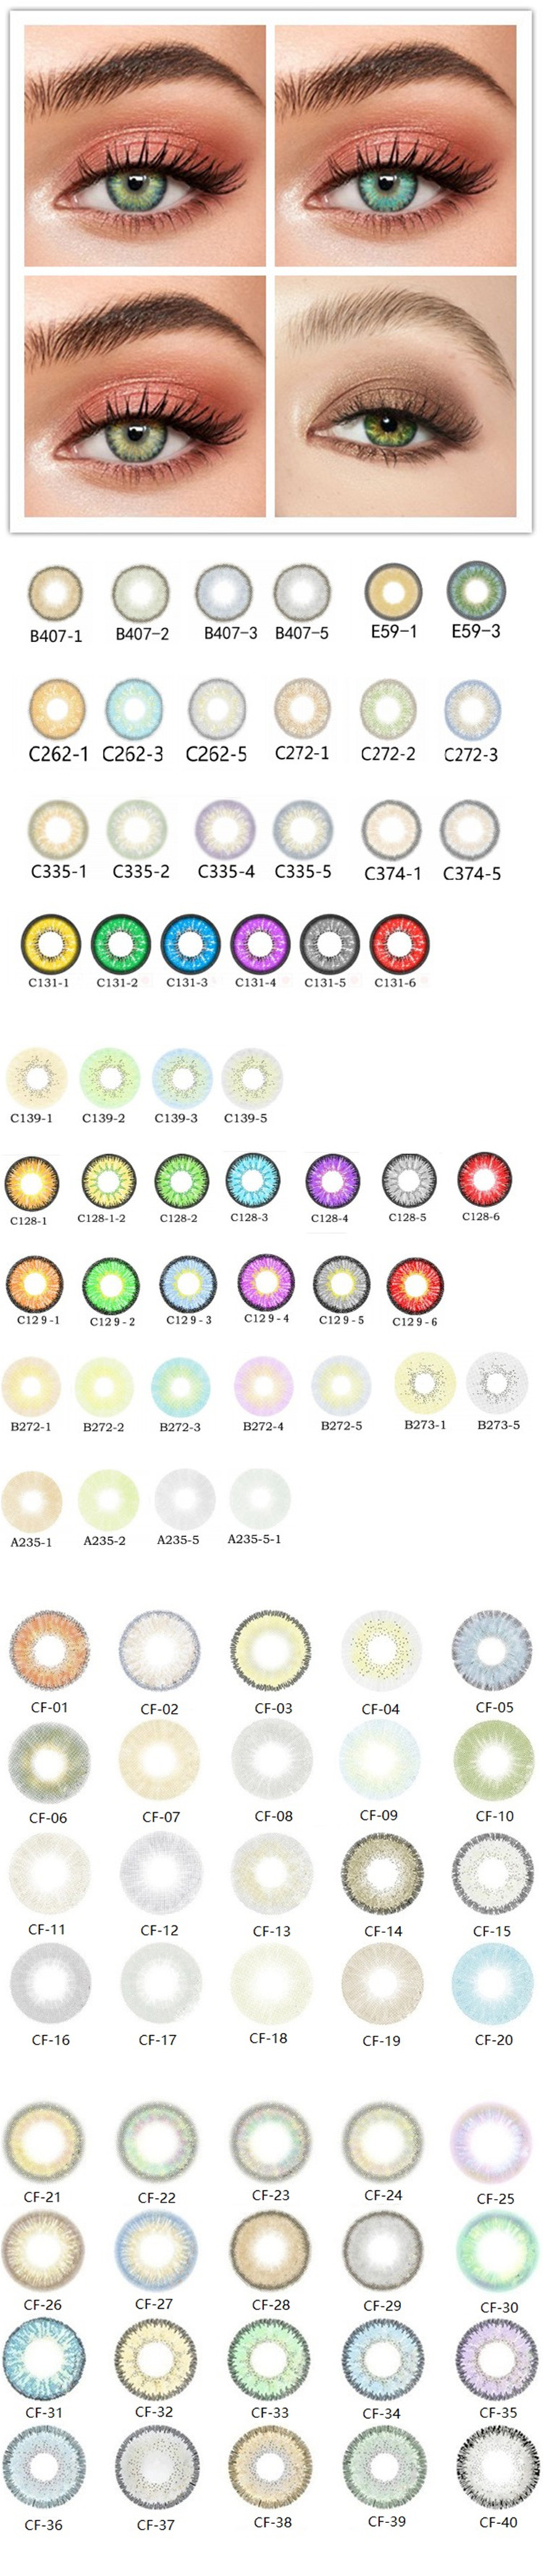 Lentilles de contact personnalisées, accessoires de fabrication chinoise, verres de couleur douce, couleur verte, 100 pièces